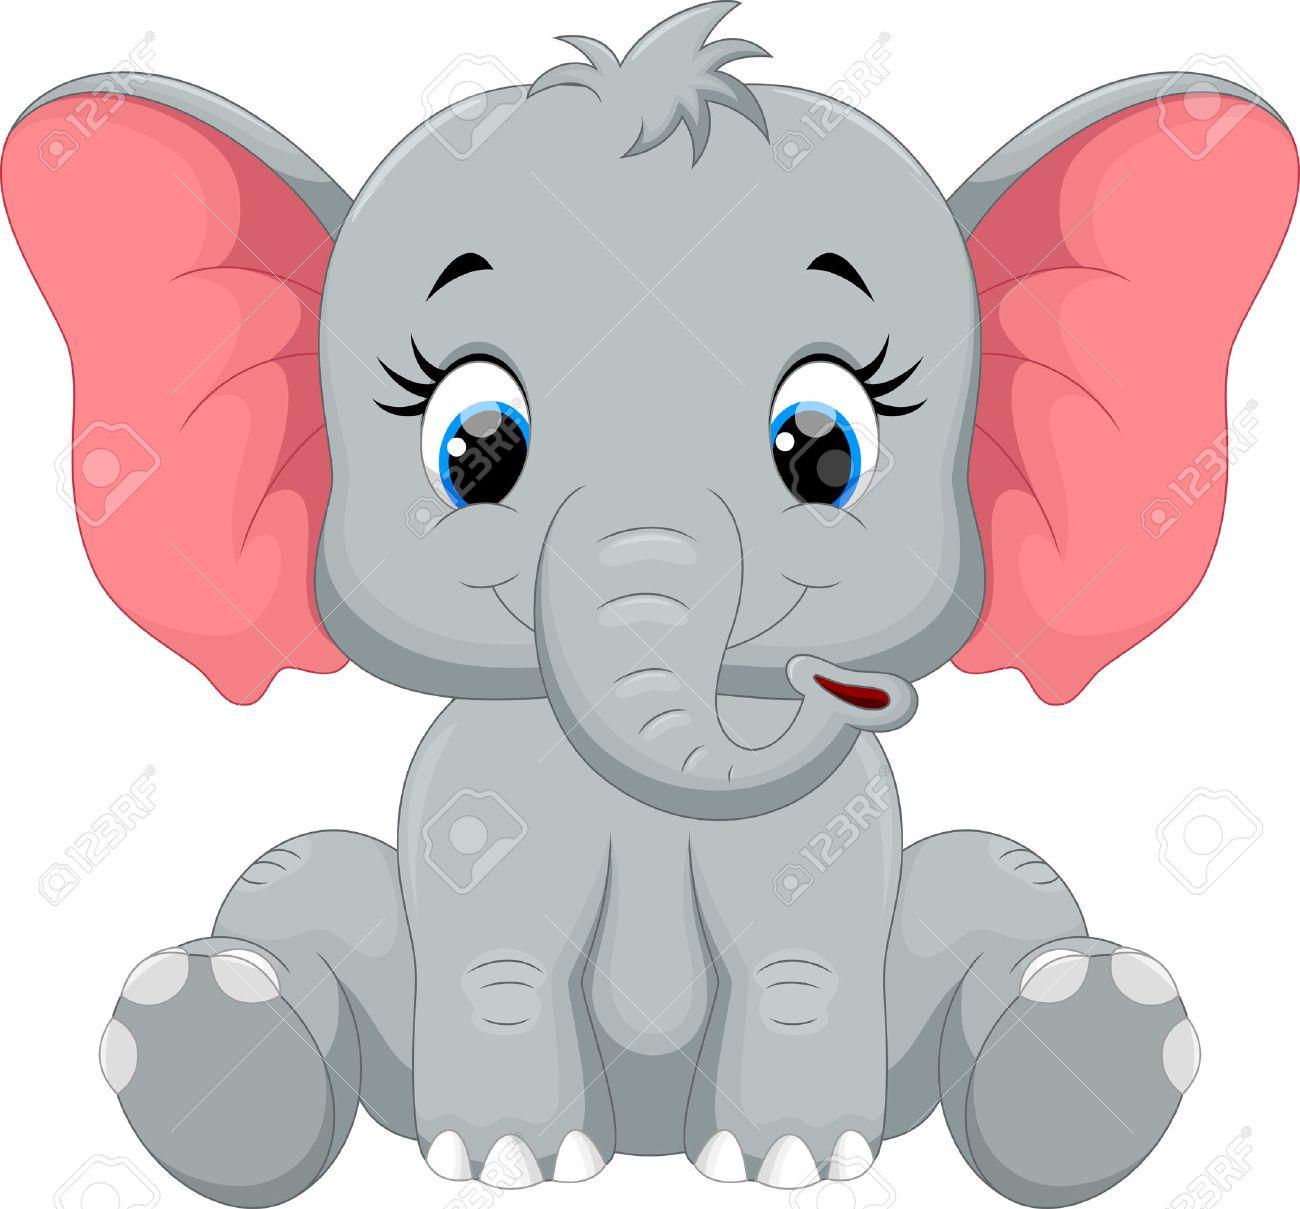 Cute elephant cartoon sitting - 50993712